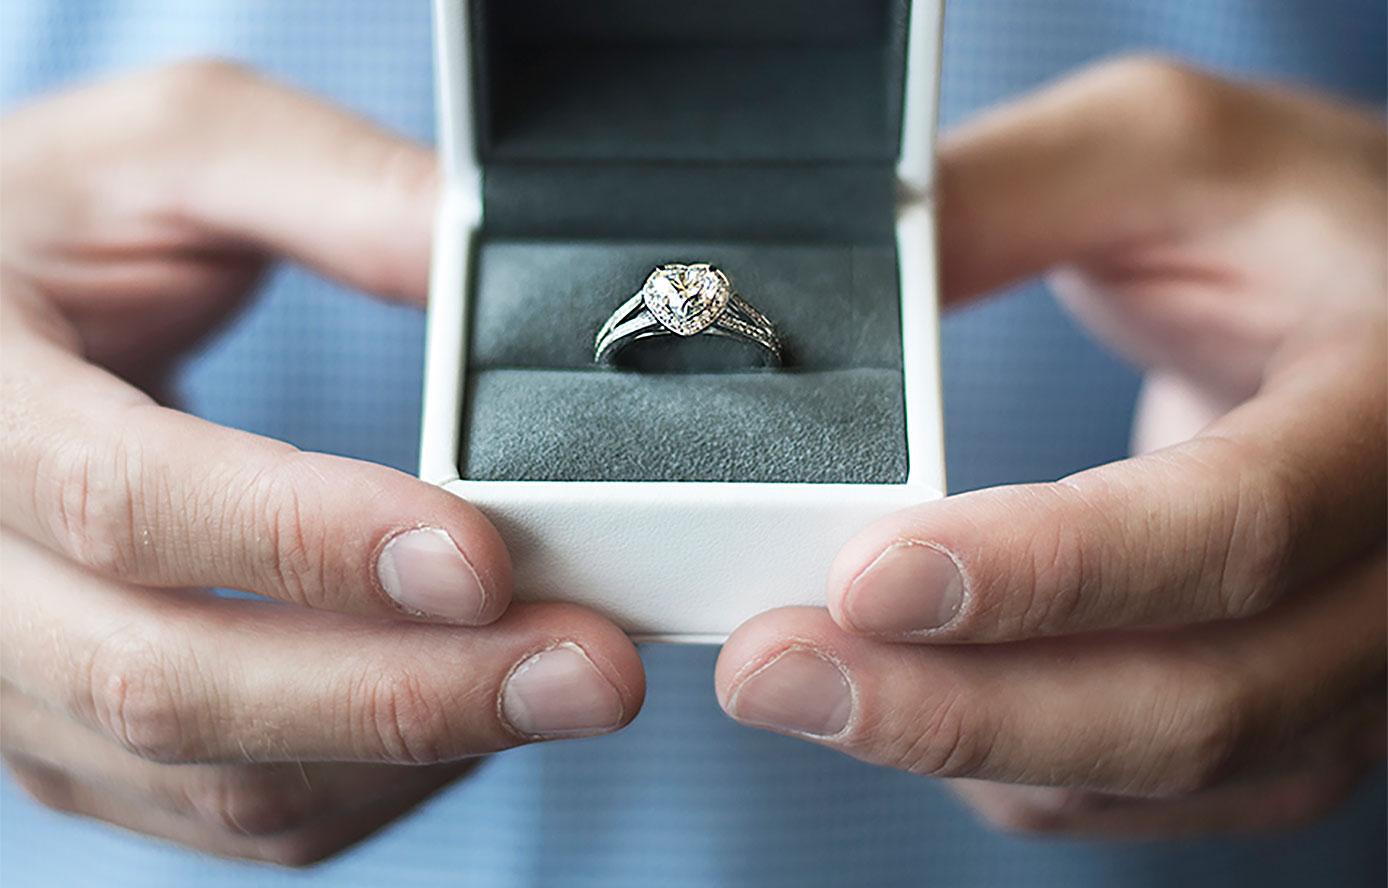 Welche hand deutschland verlobungsring Verlobungsring Finger: